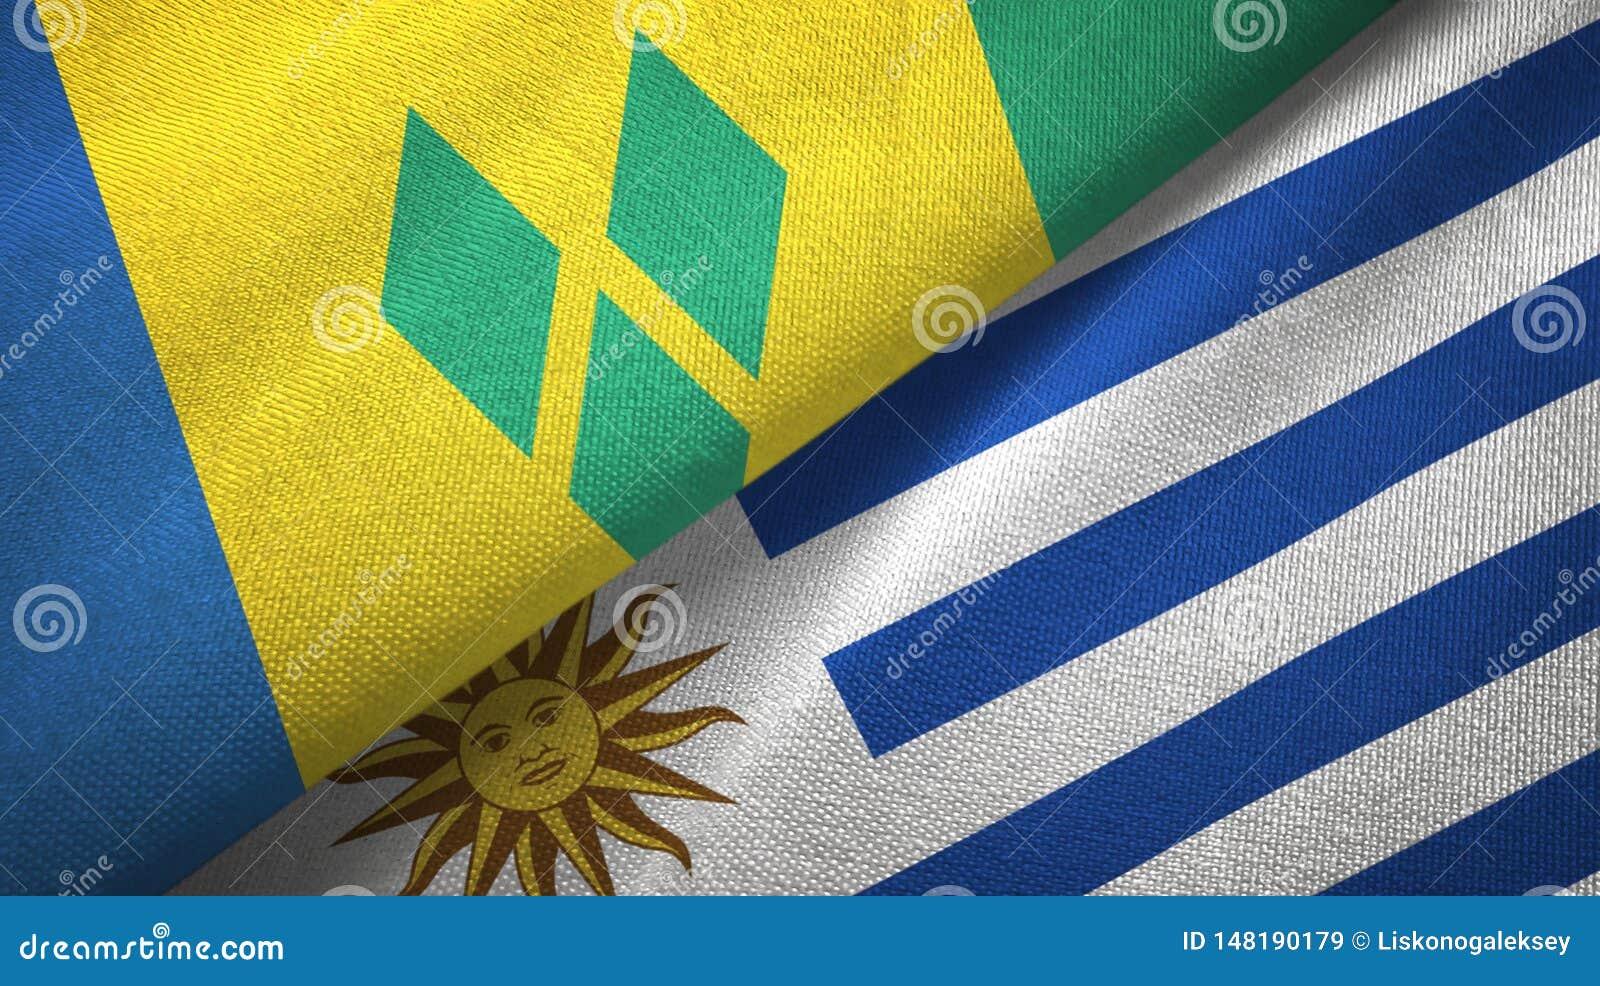 Άγιος Βικέντιος και Γρεναδίνες και Ουρουγουάη δύο σημαίες